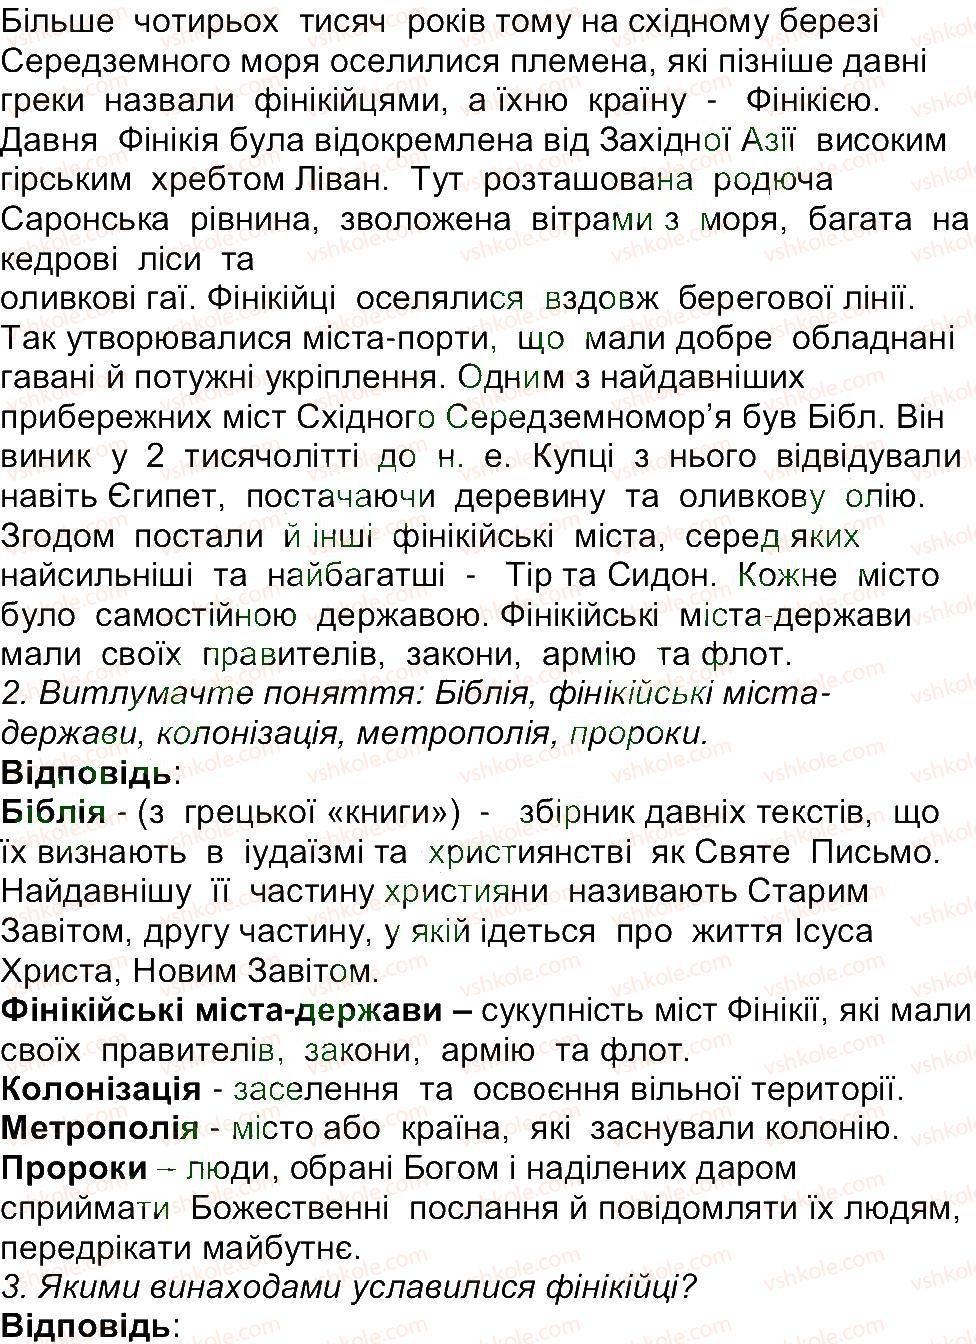 6-istoriya-og-bandrovskij-vs-vlasov-2014--storinki-72140-83-rnd2729.jpg